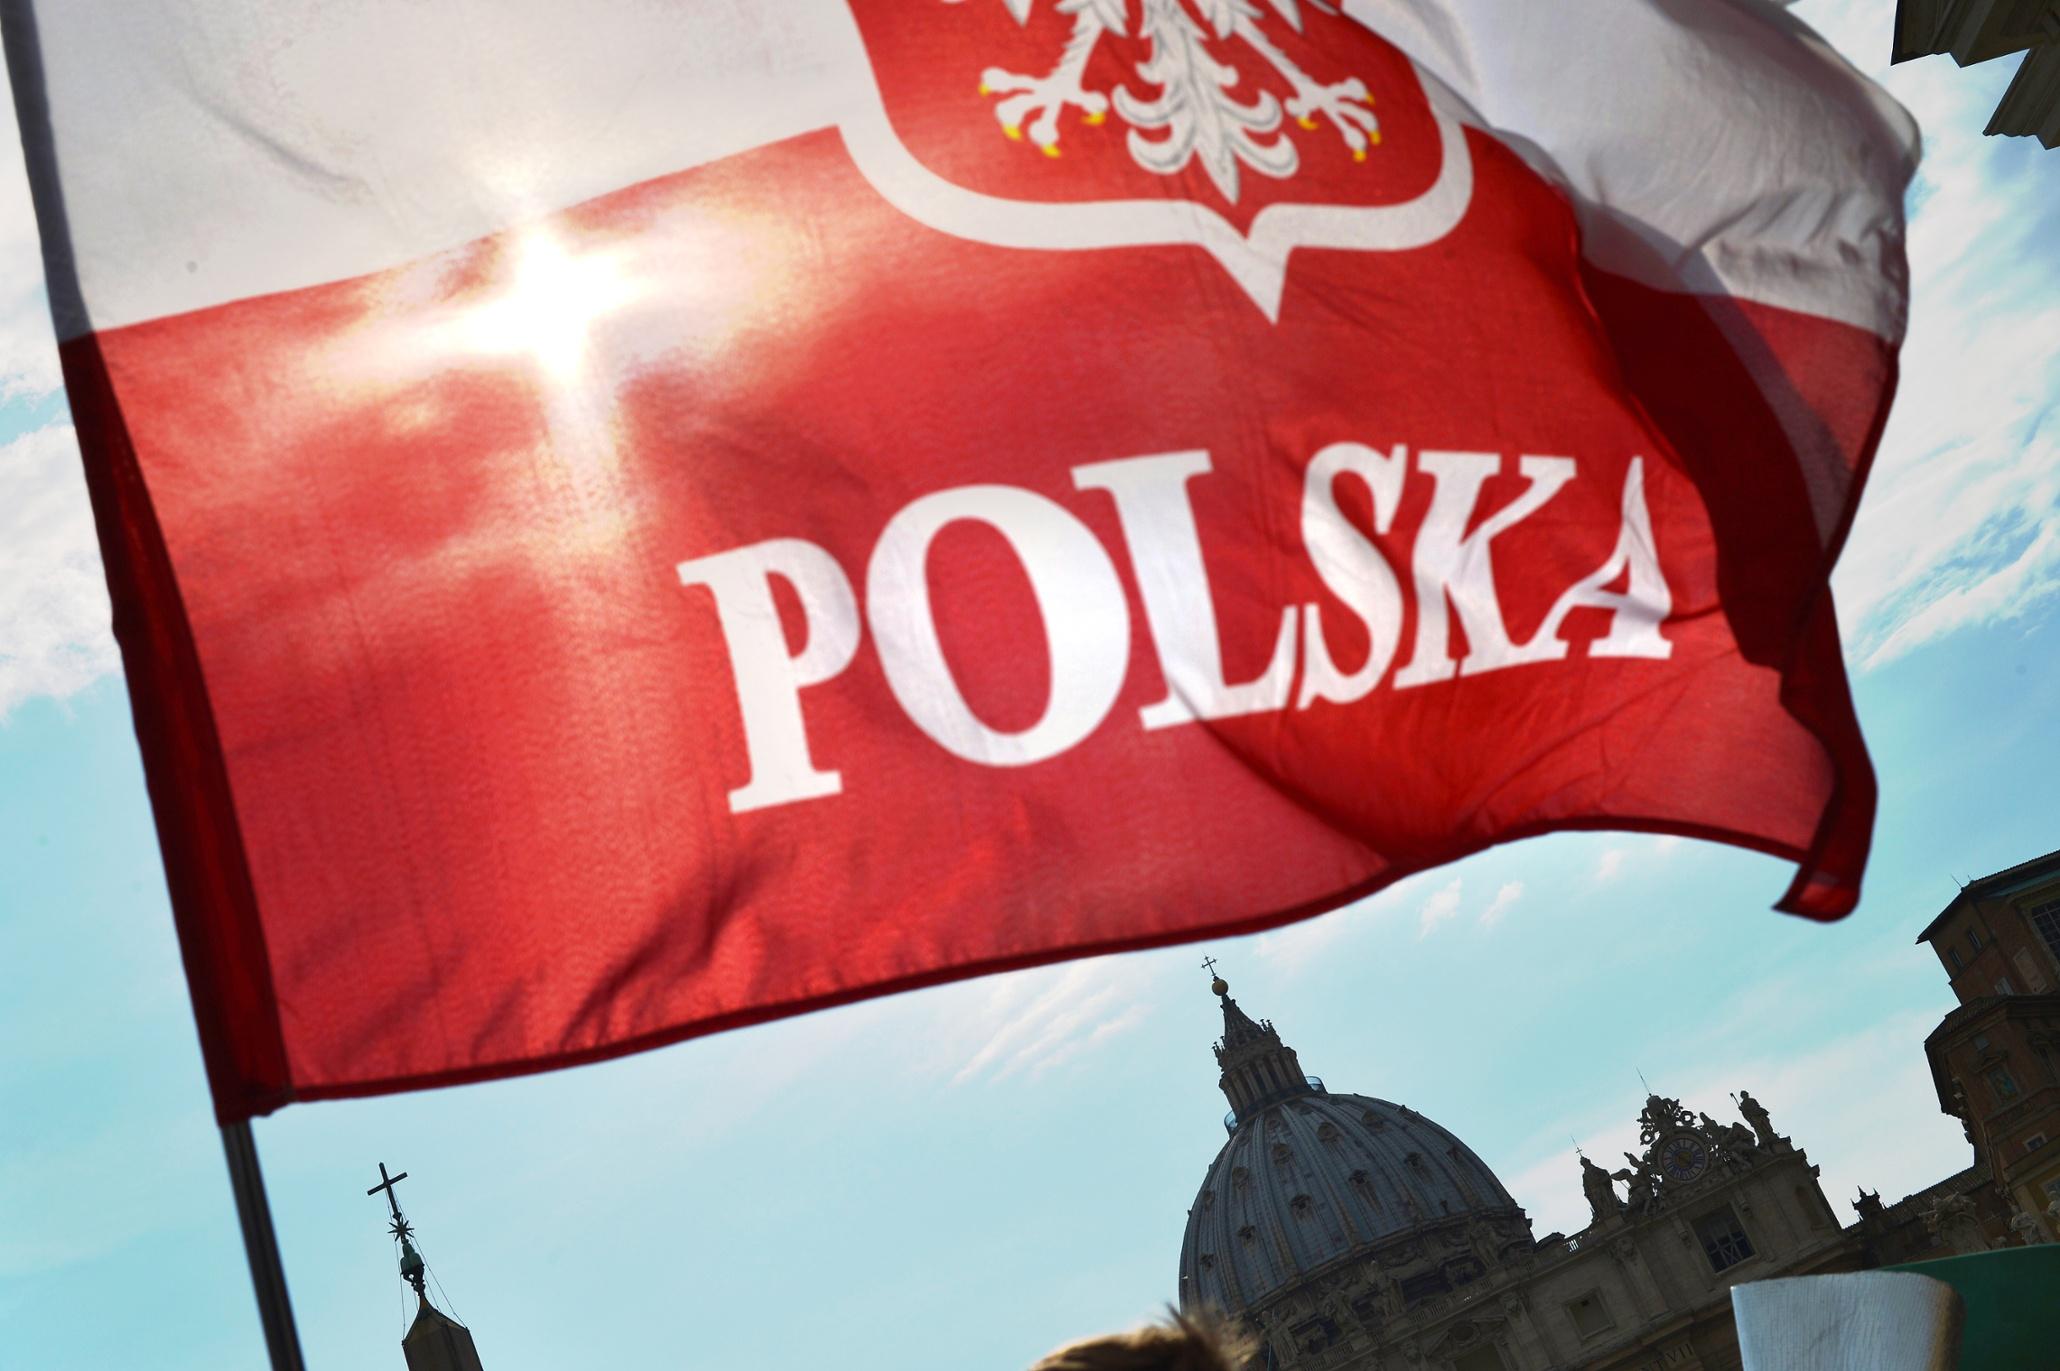 Poland News - Magazine cover